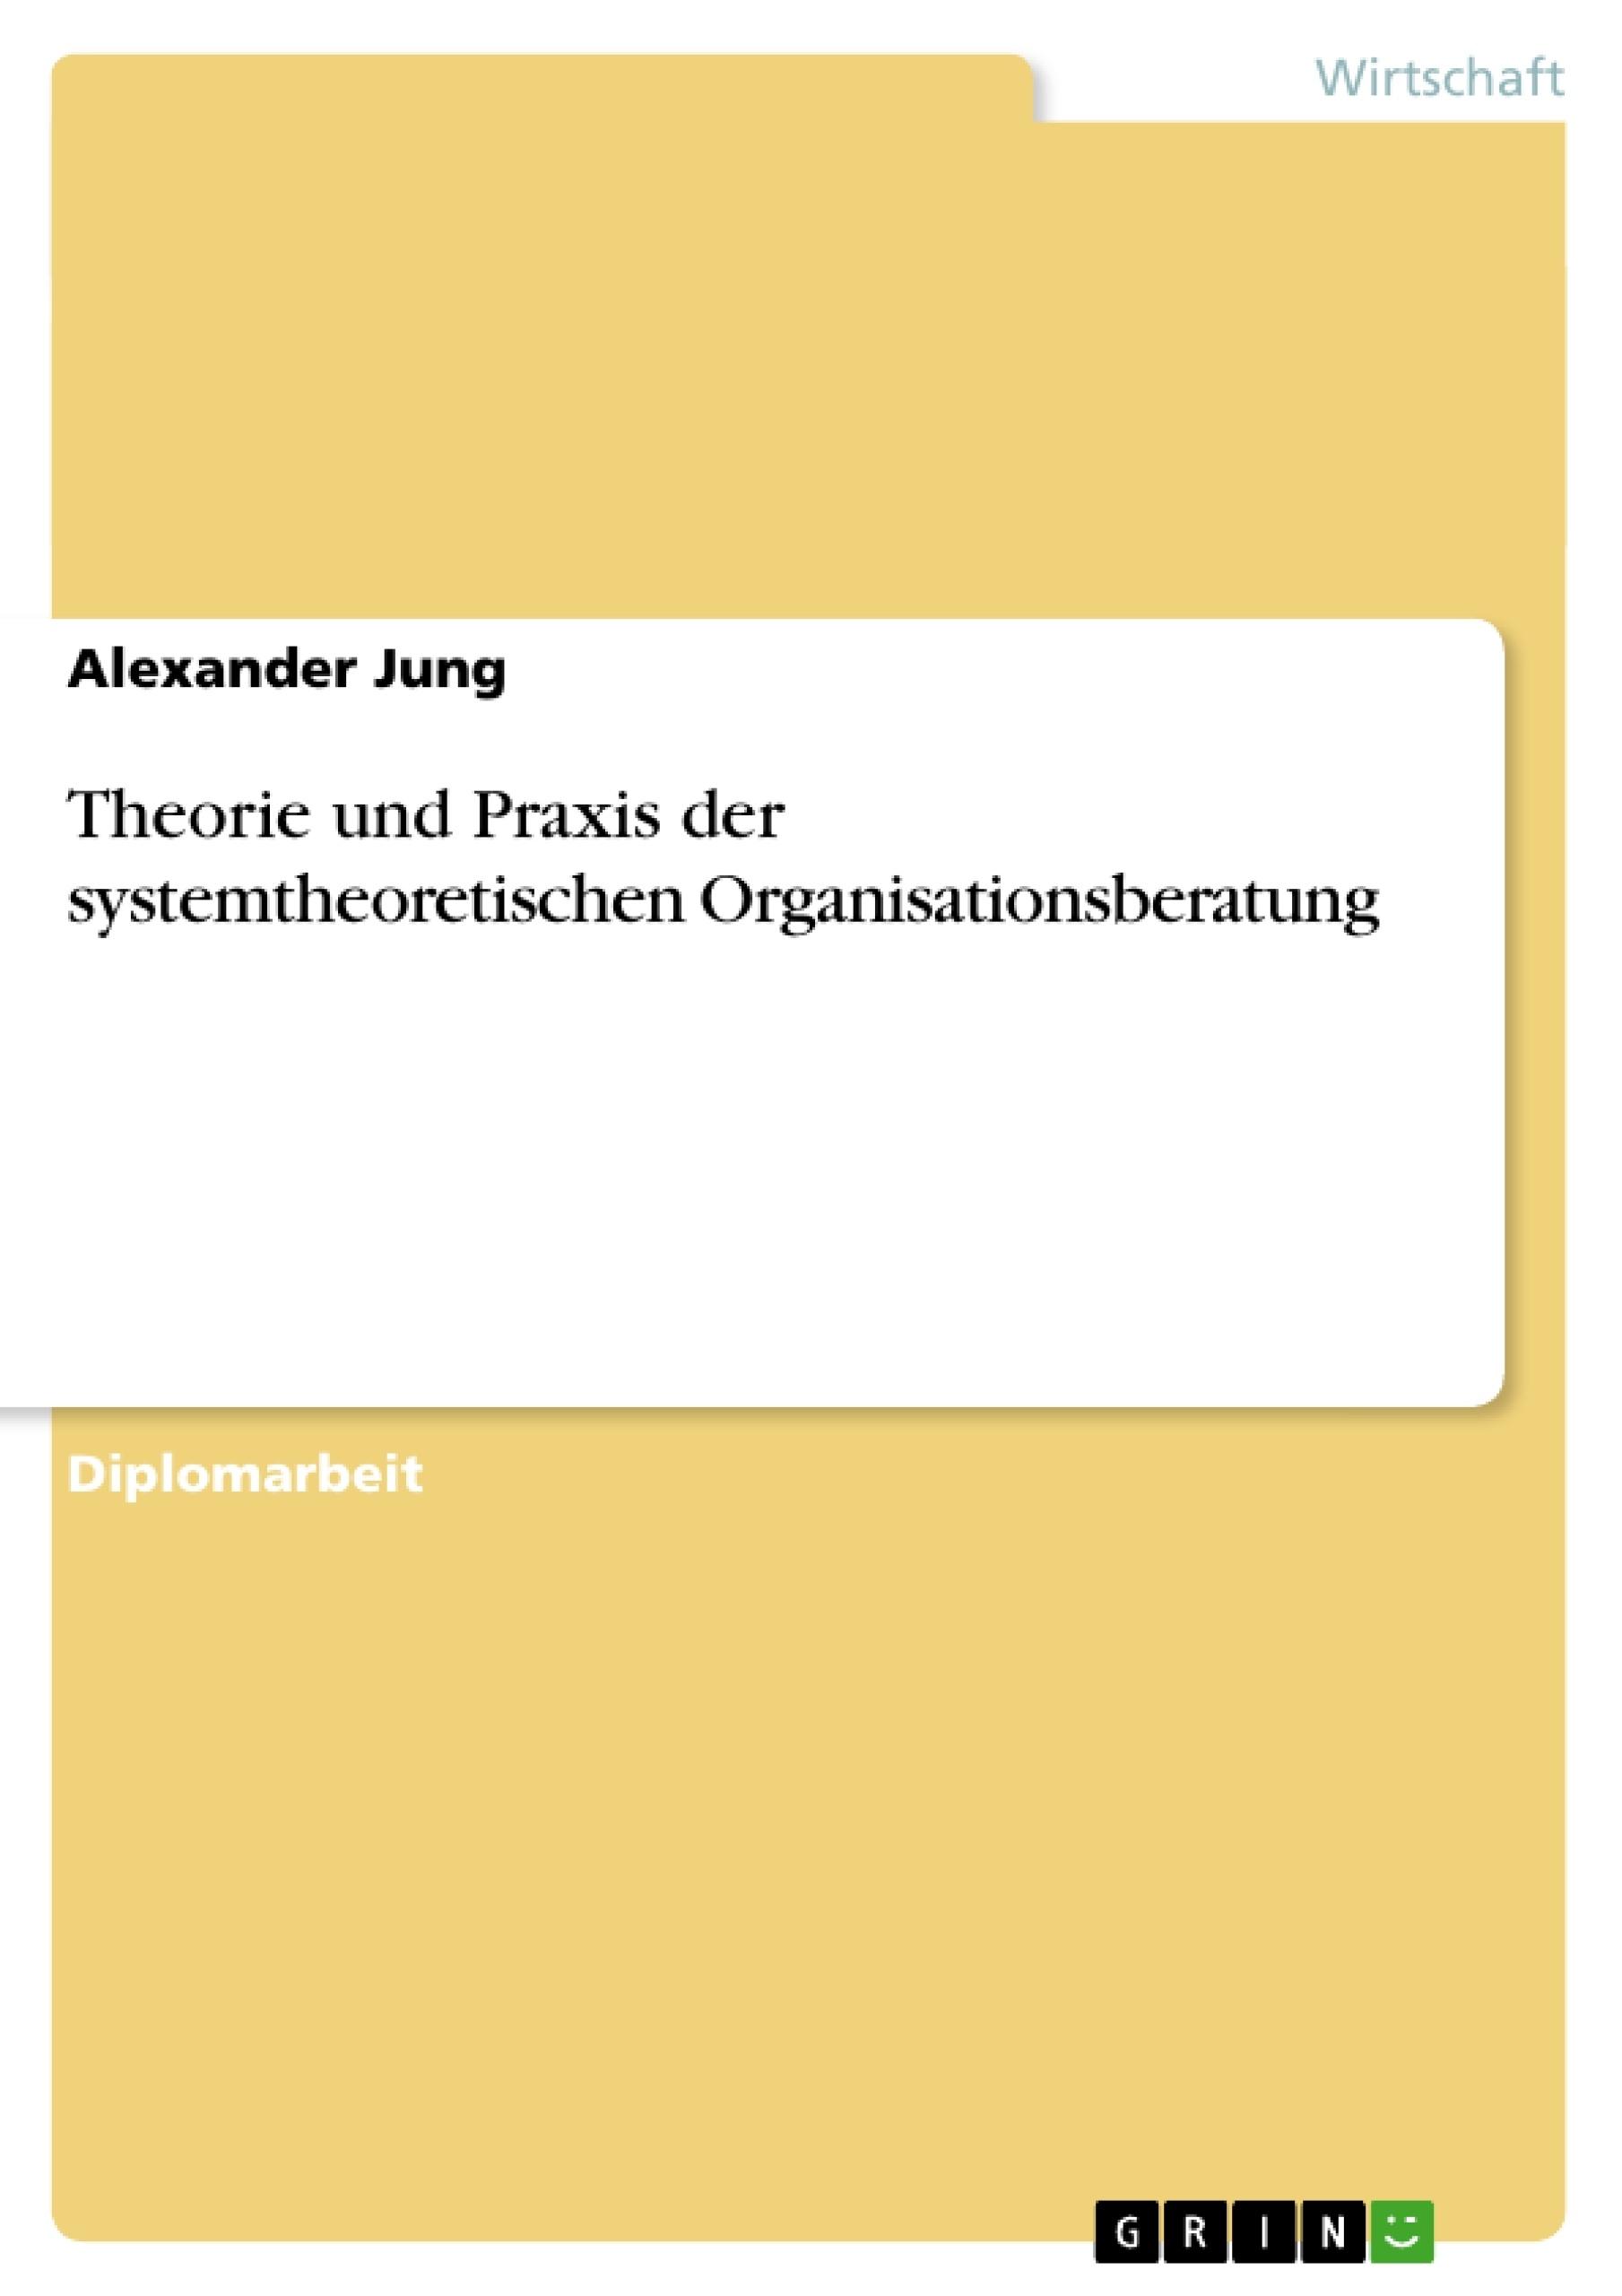 Titel: Theorie und Praxis der systemtheoretischen Organisationsberatung